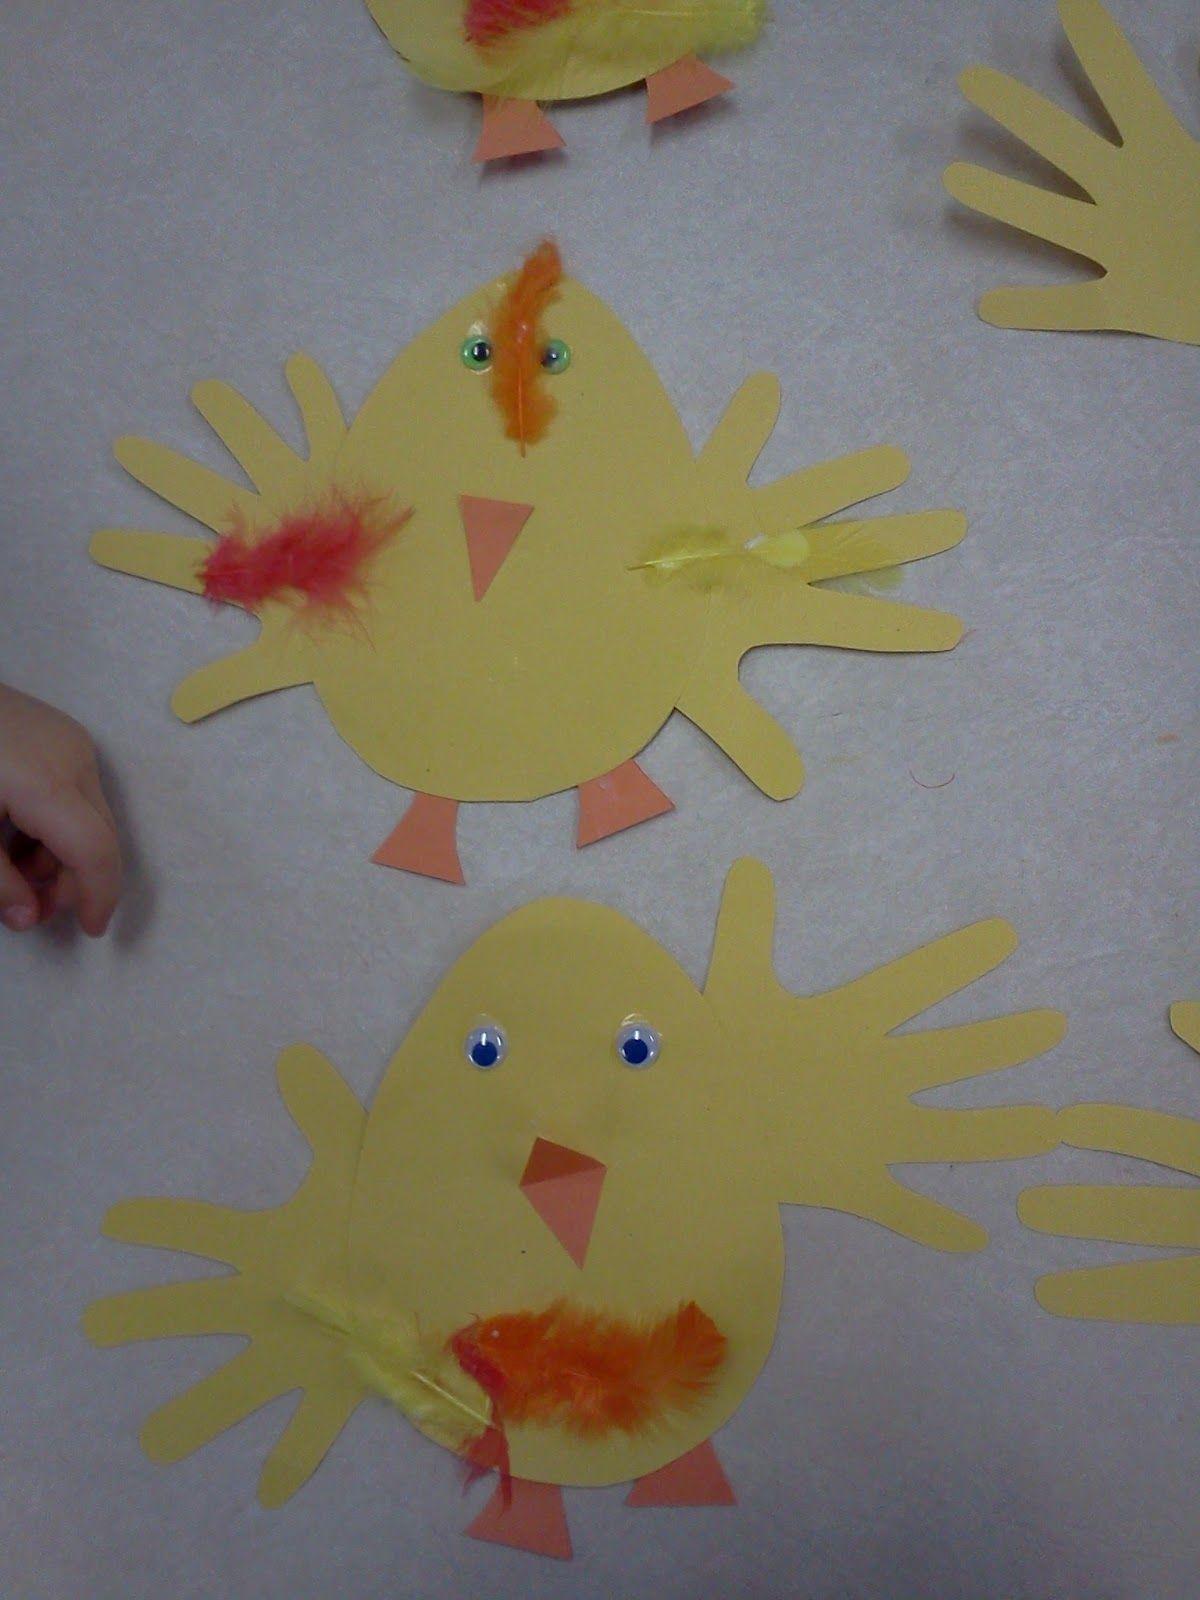 Preschool farm animal art discovery garden learning for Farm animal crafts for preschool